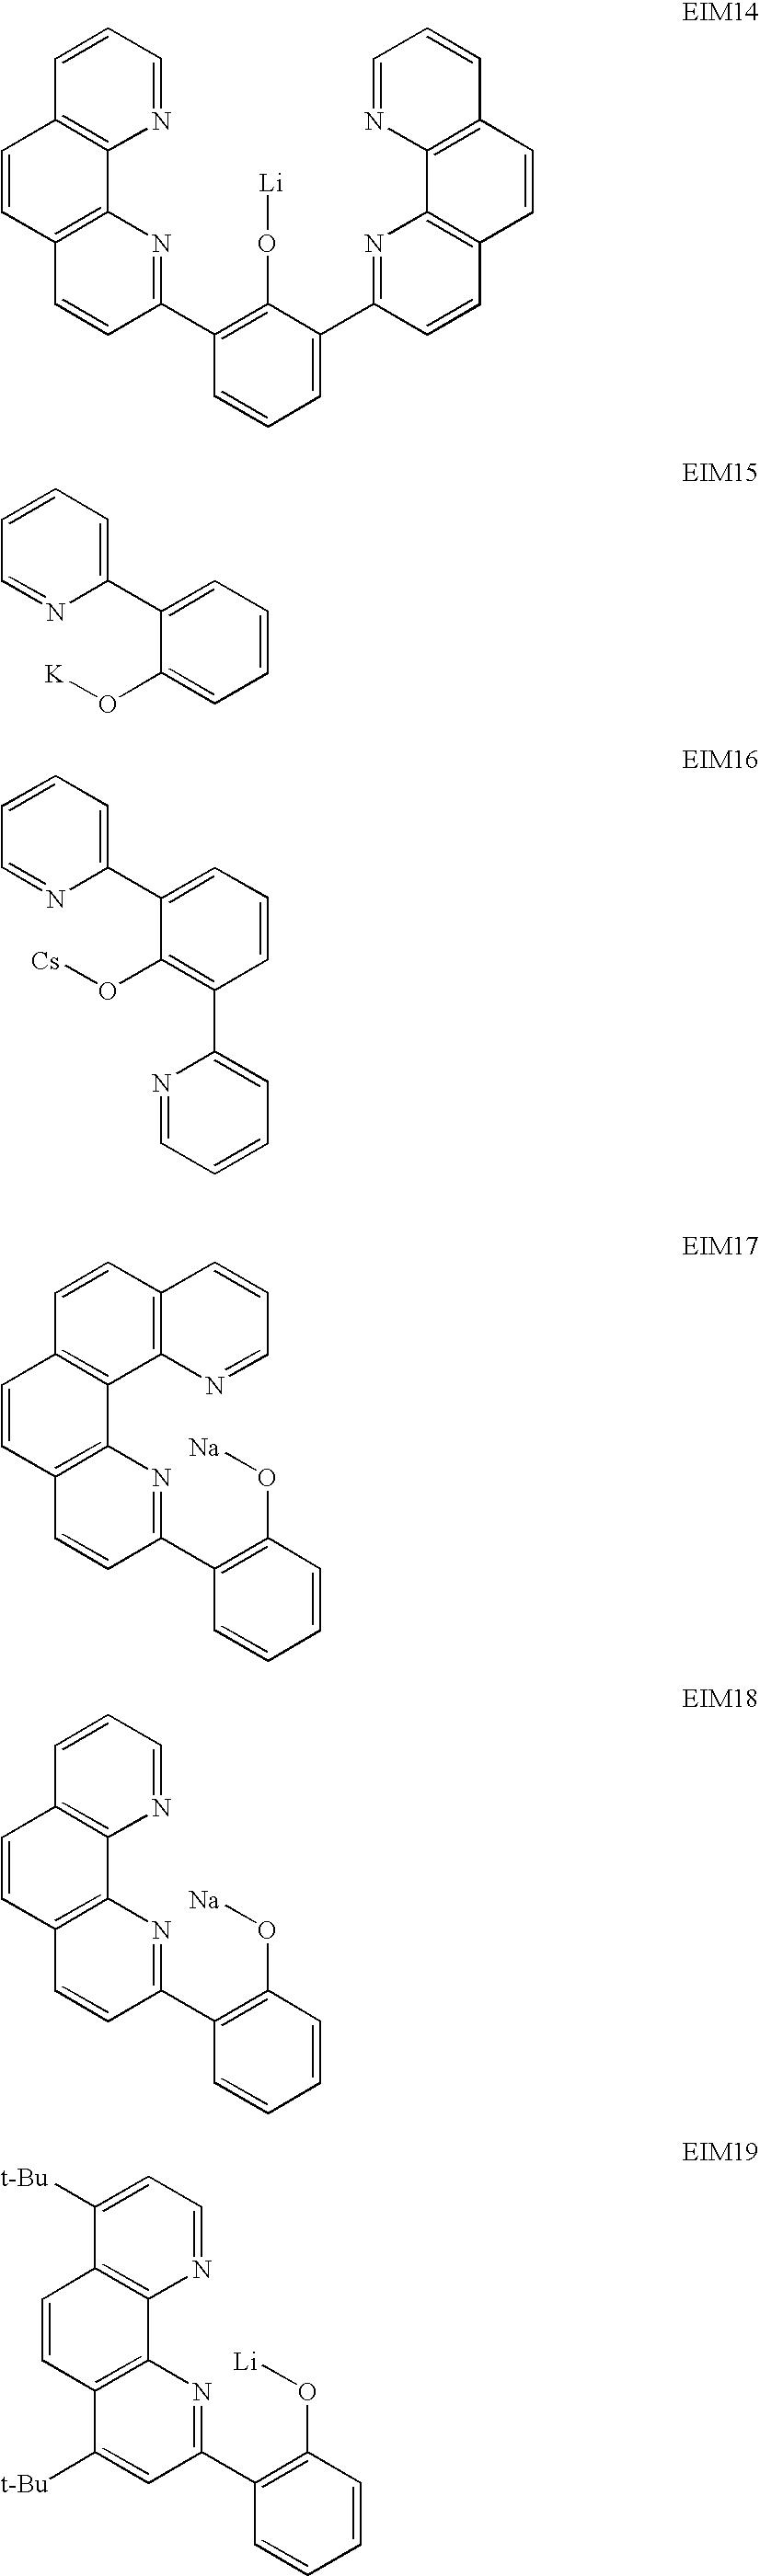 Figure US08420229-20130416-C00014